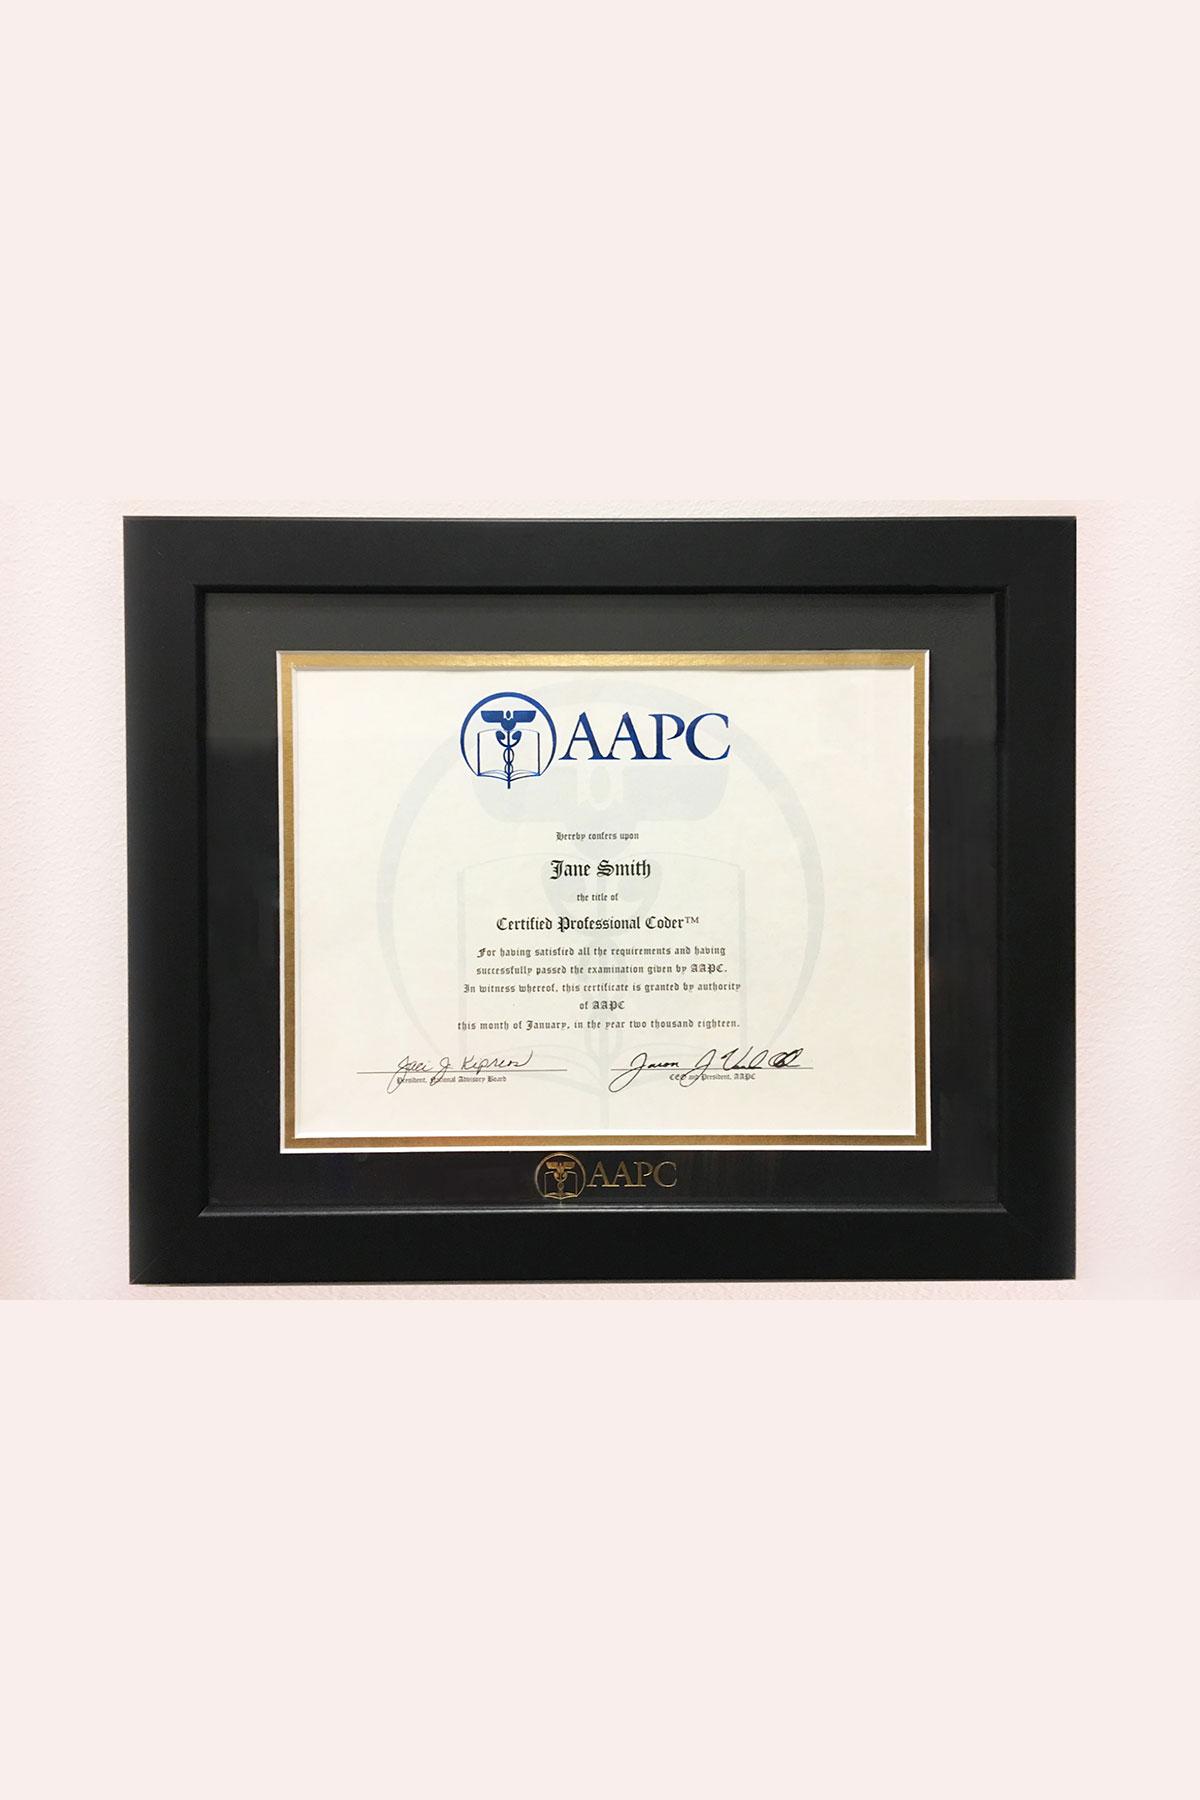 AAPC Diploma Frame